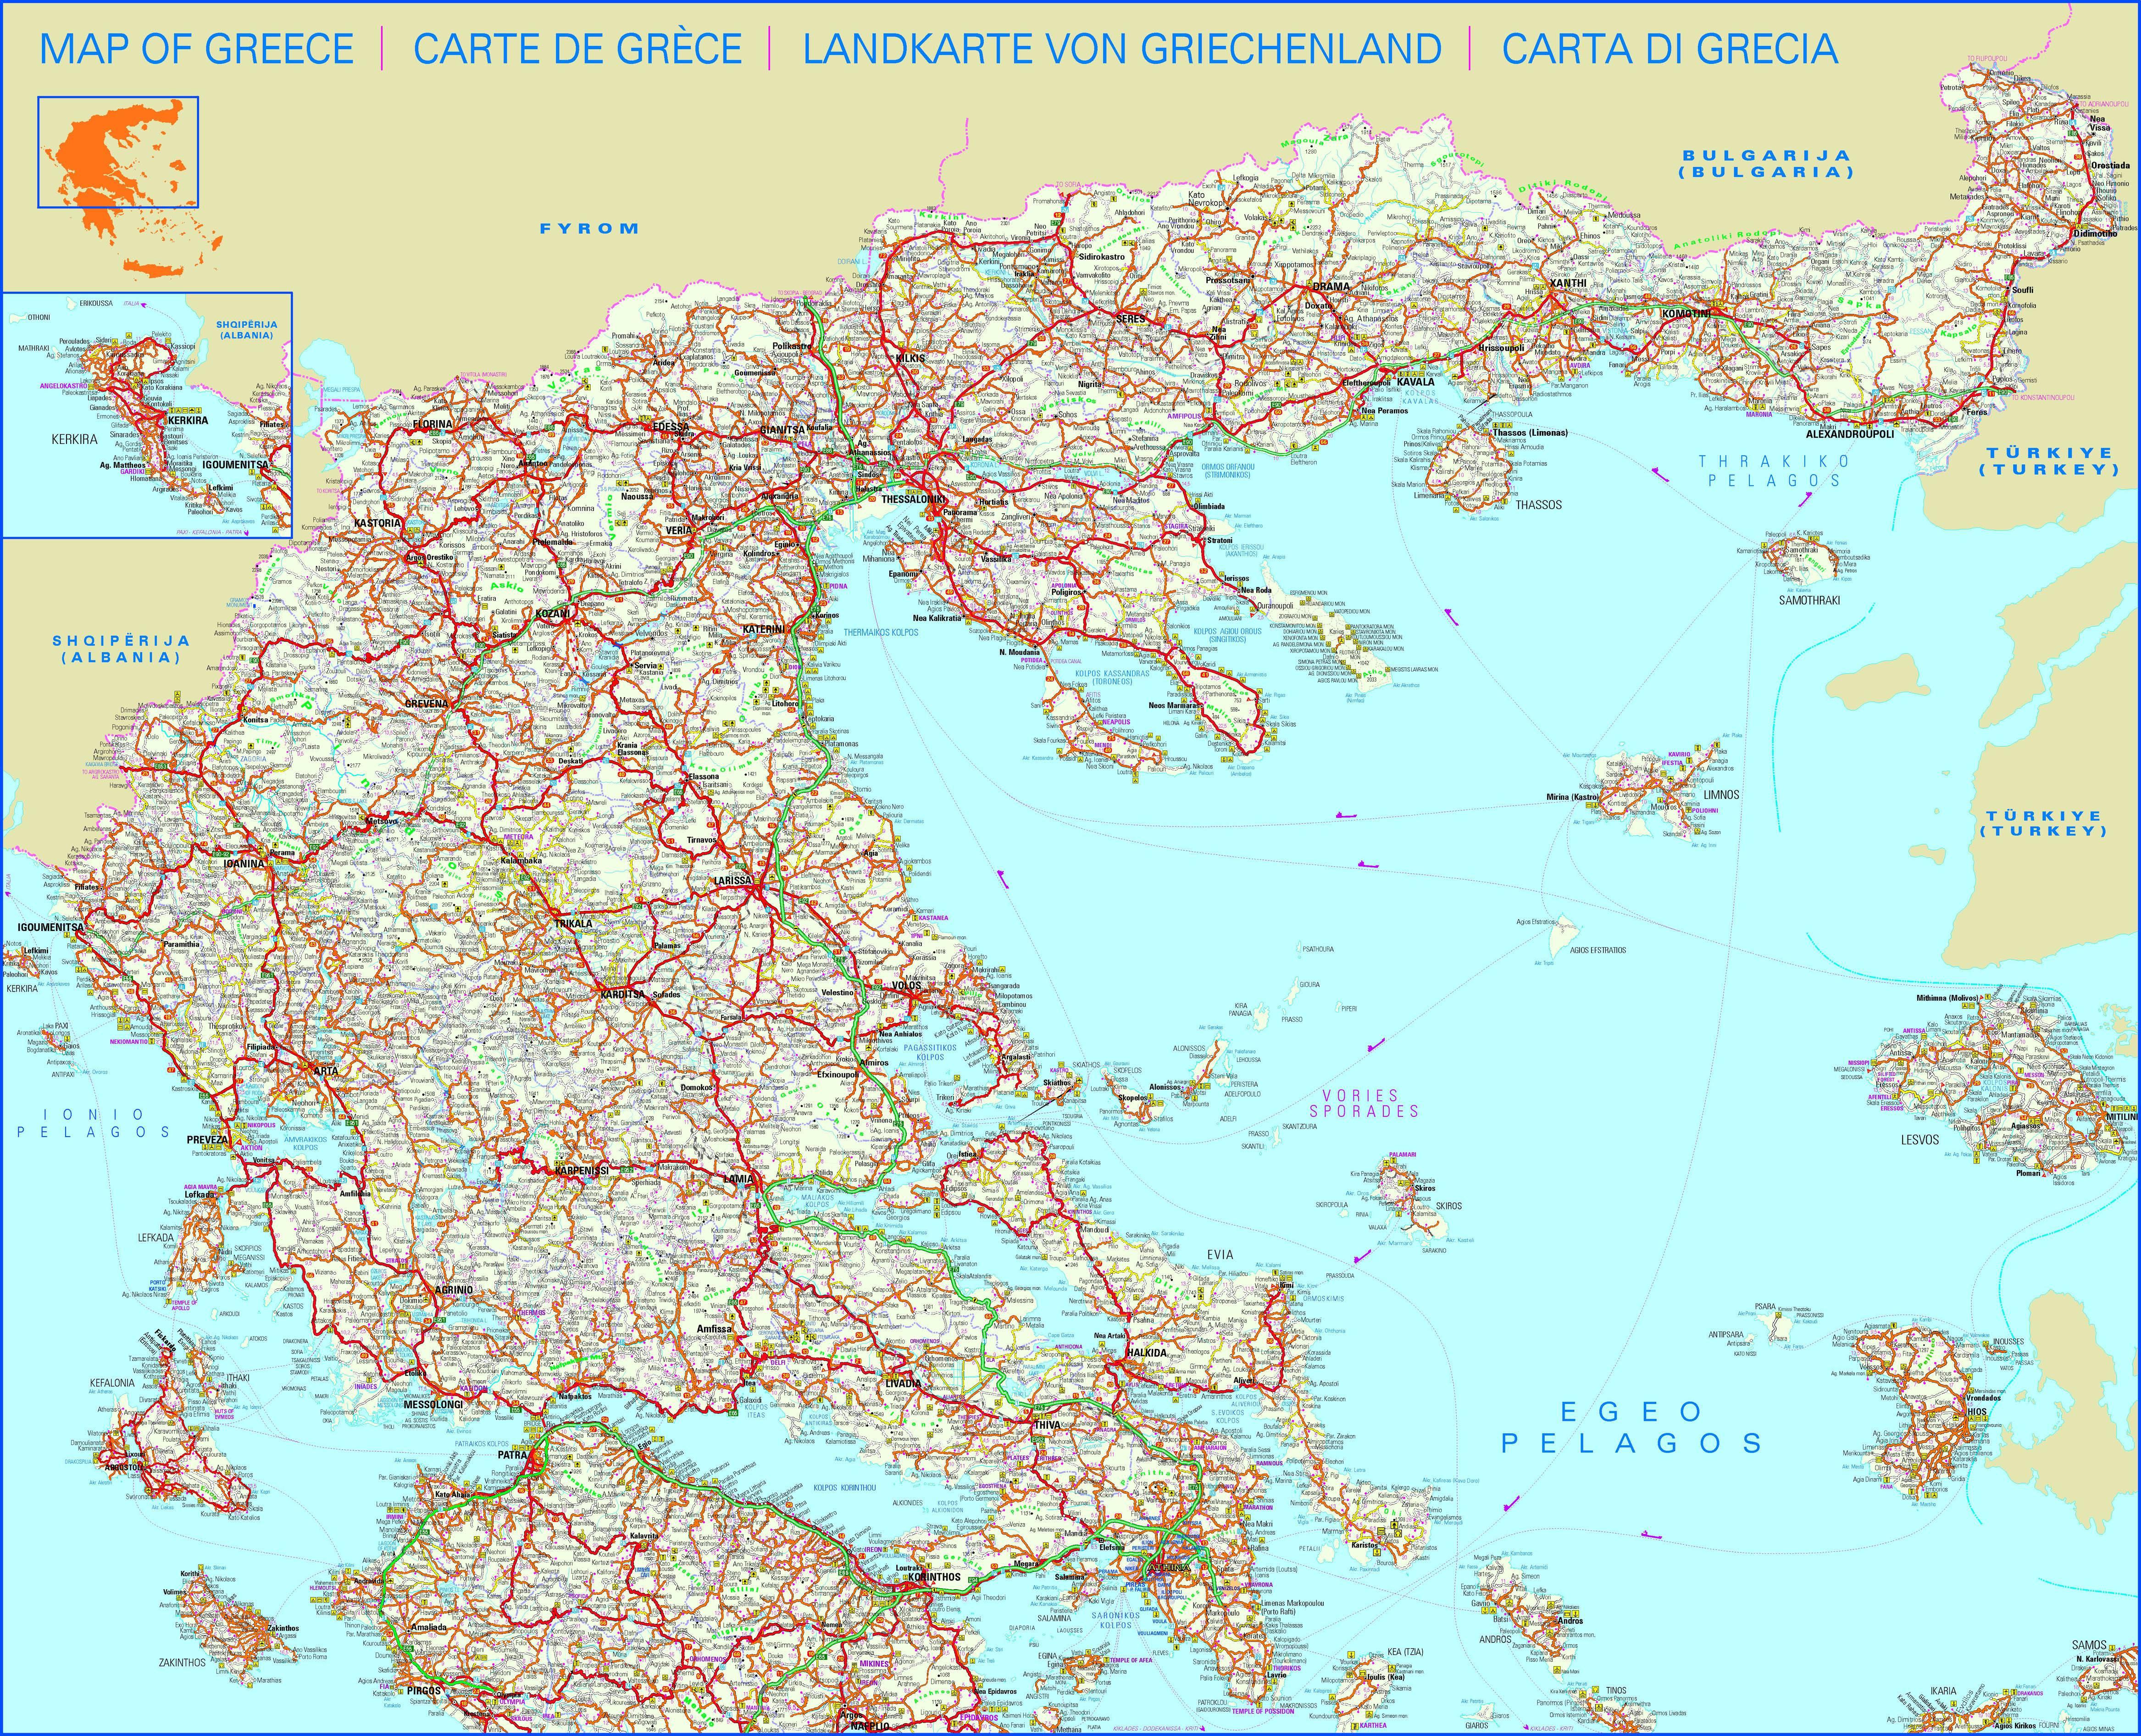 Carte de la Grèce   Découvrir la Grèce à travers des cartes